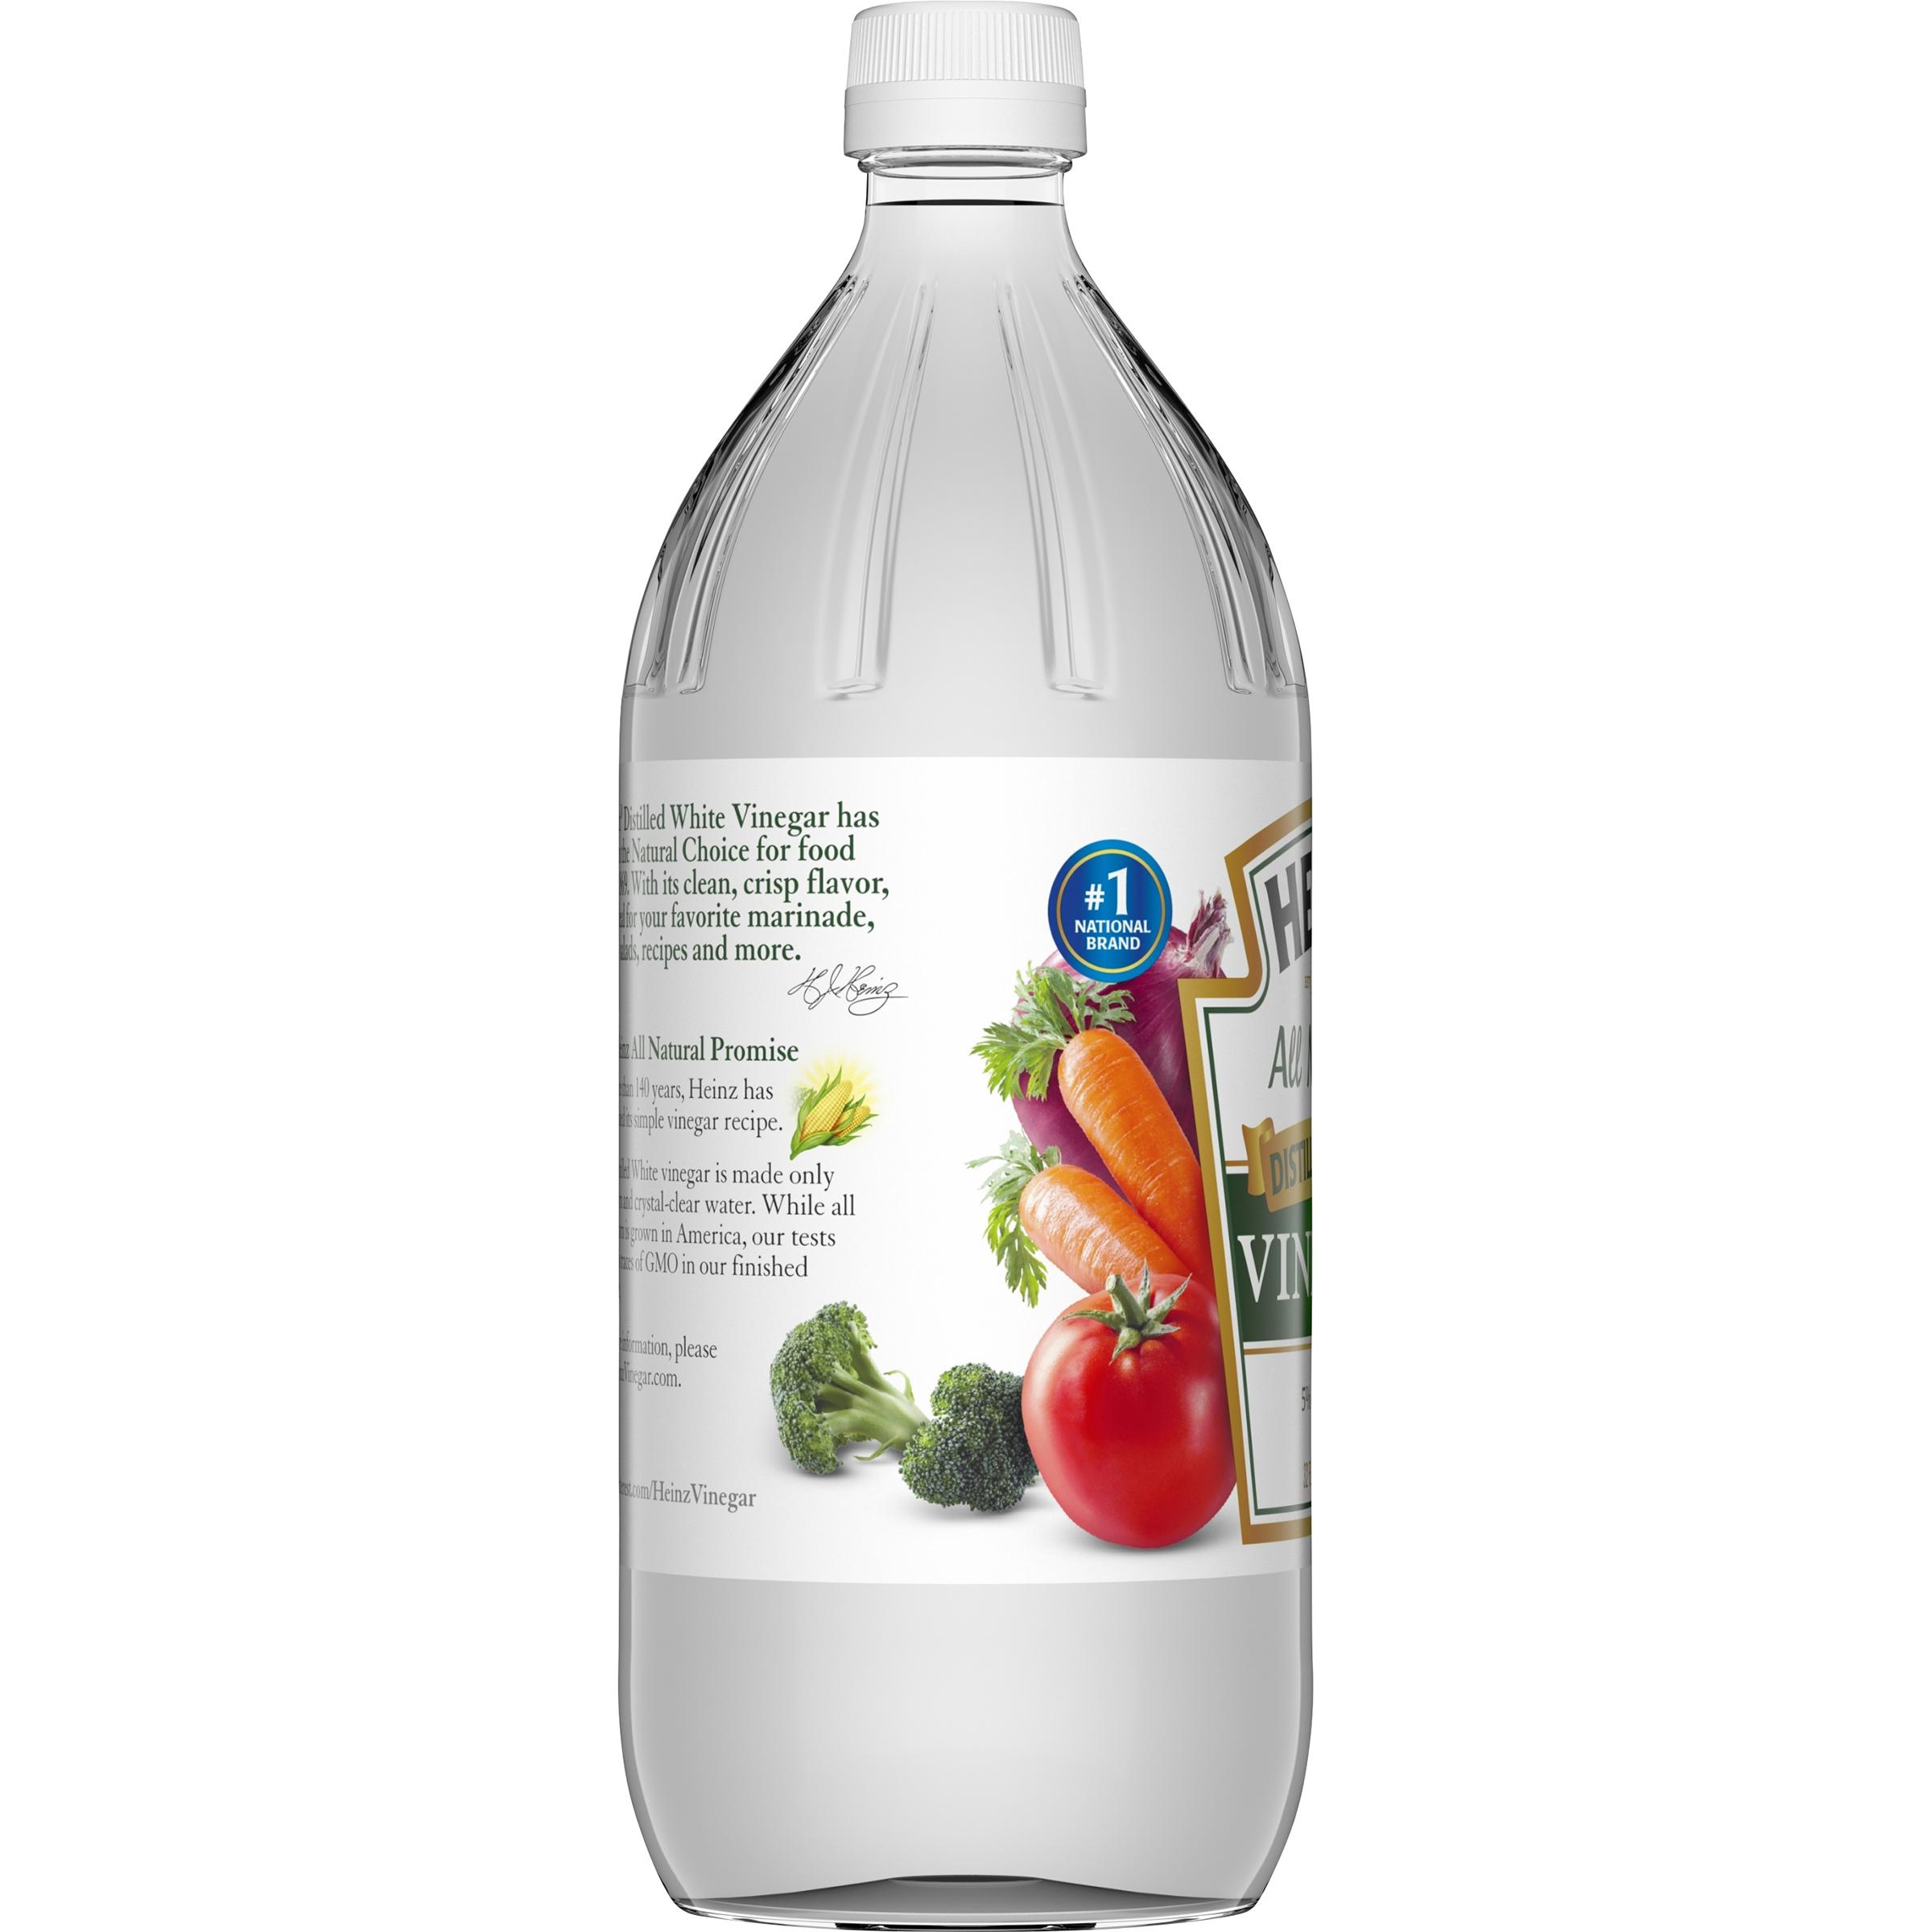 HEINZ Distilled White Vinegar 32 FL OZ